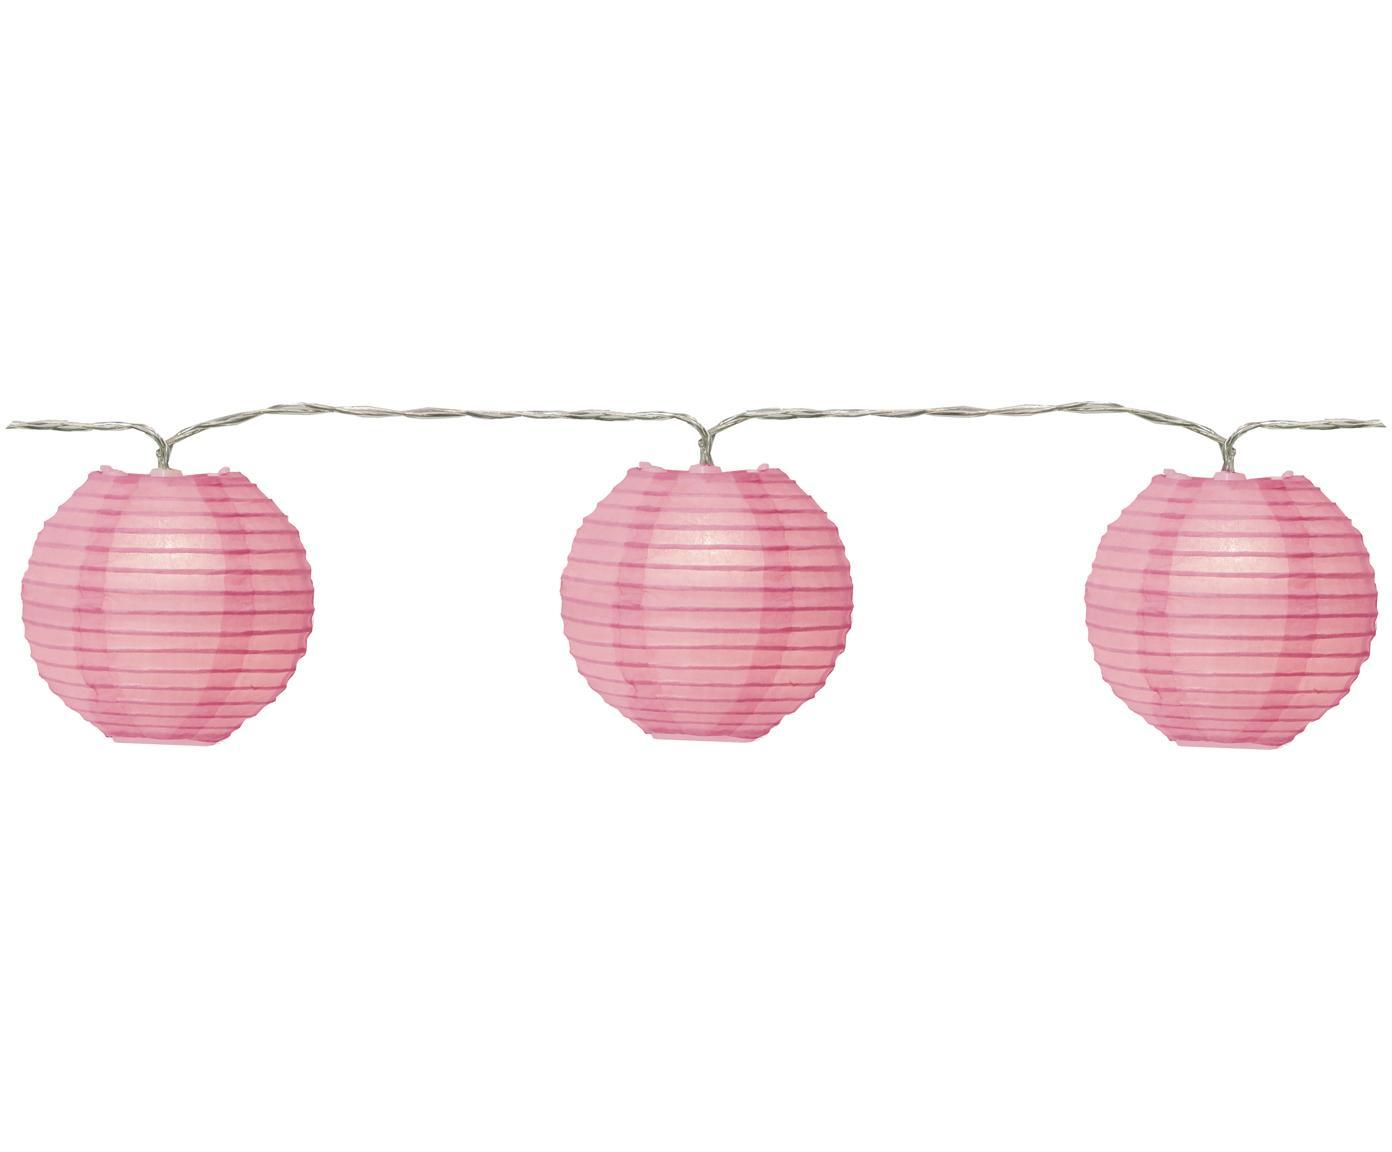 Girlanda świetlna LED Festival, 300 cm, Blady różowy, D 300 cm